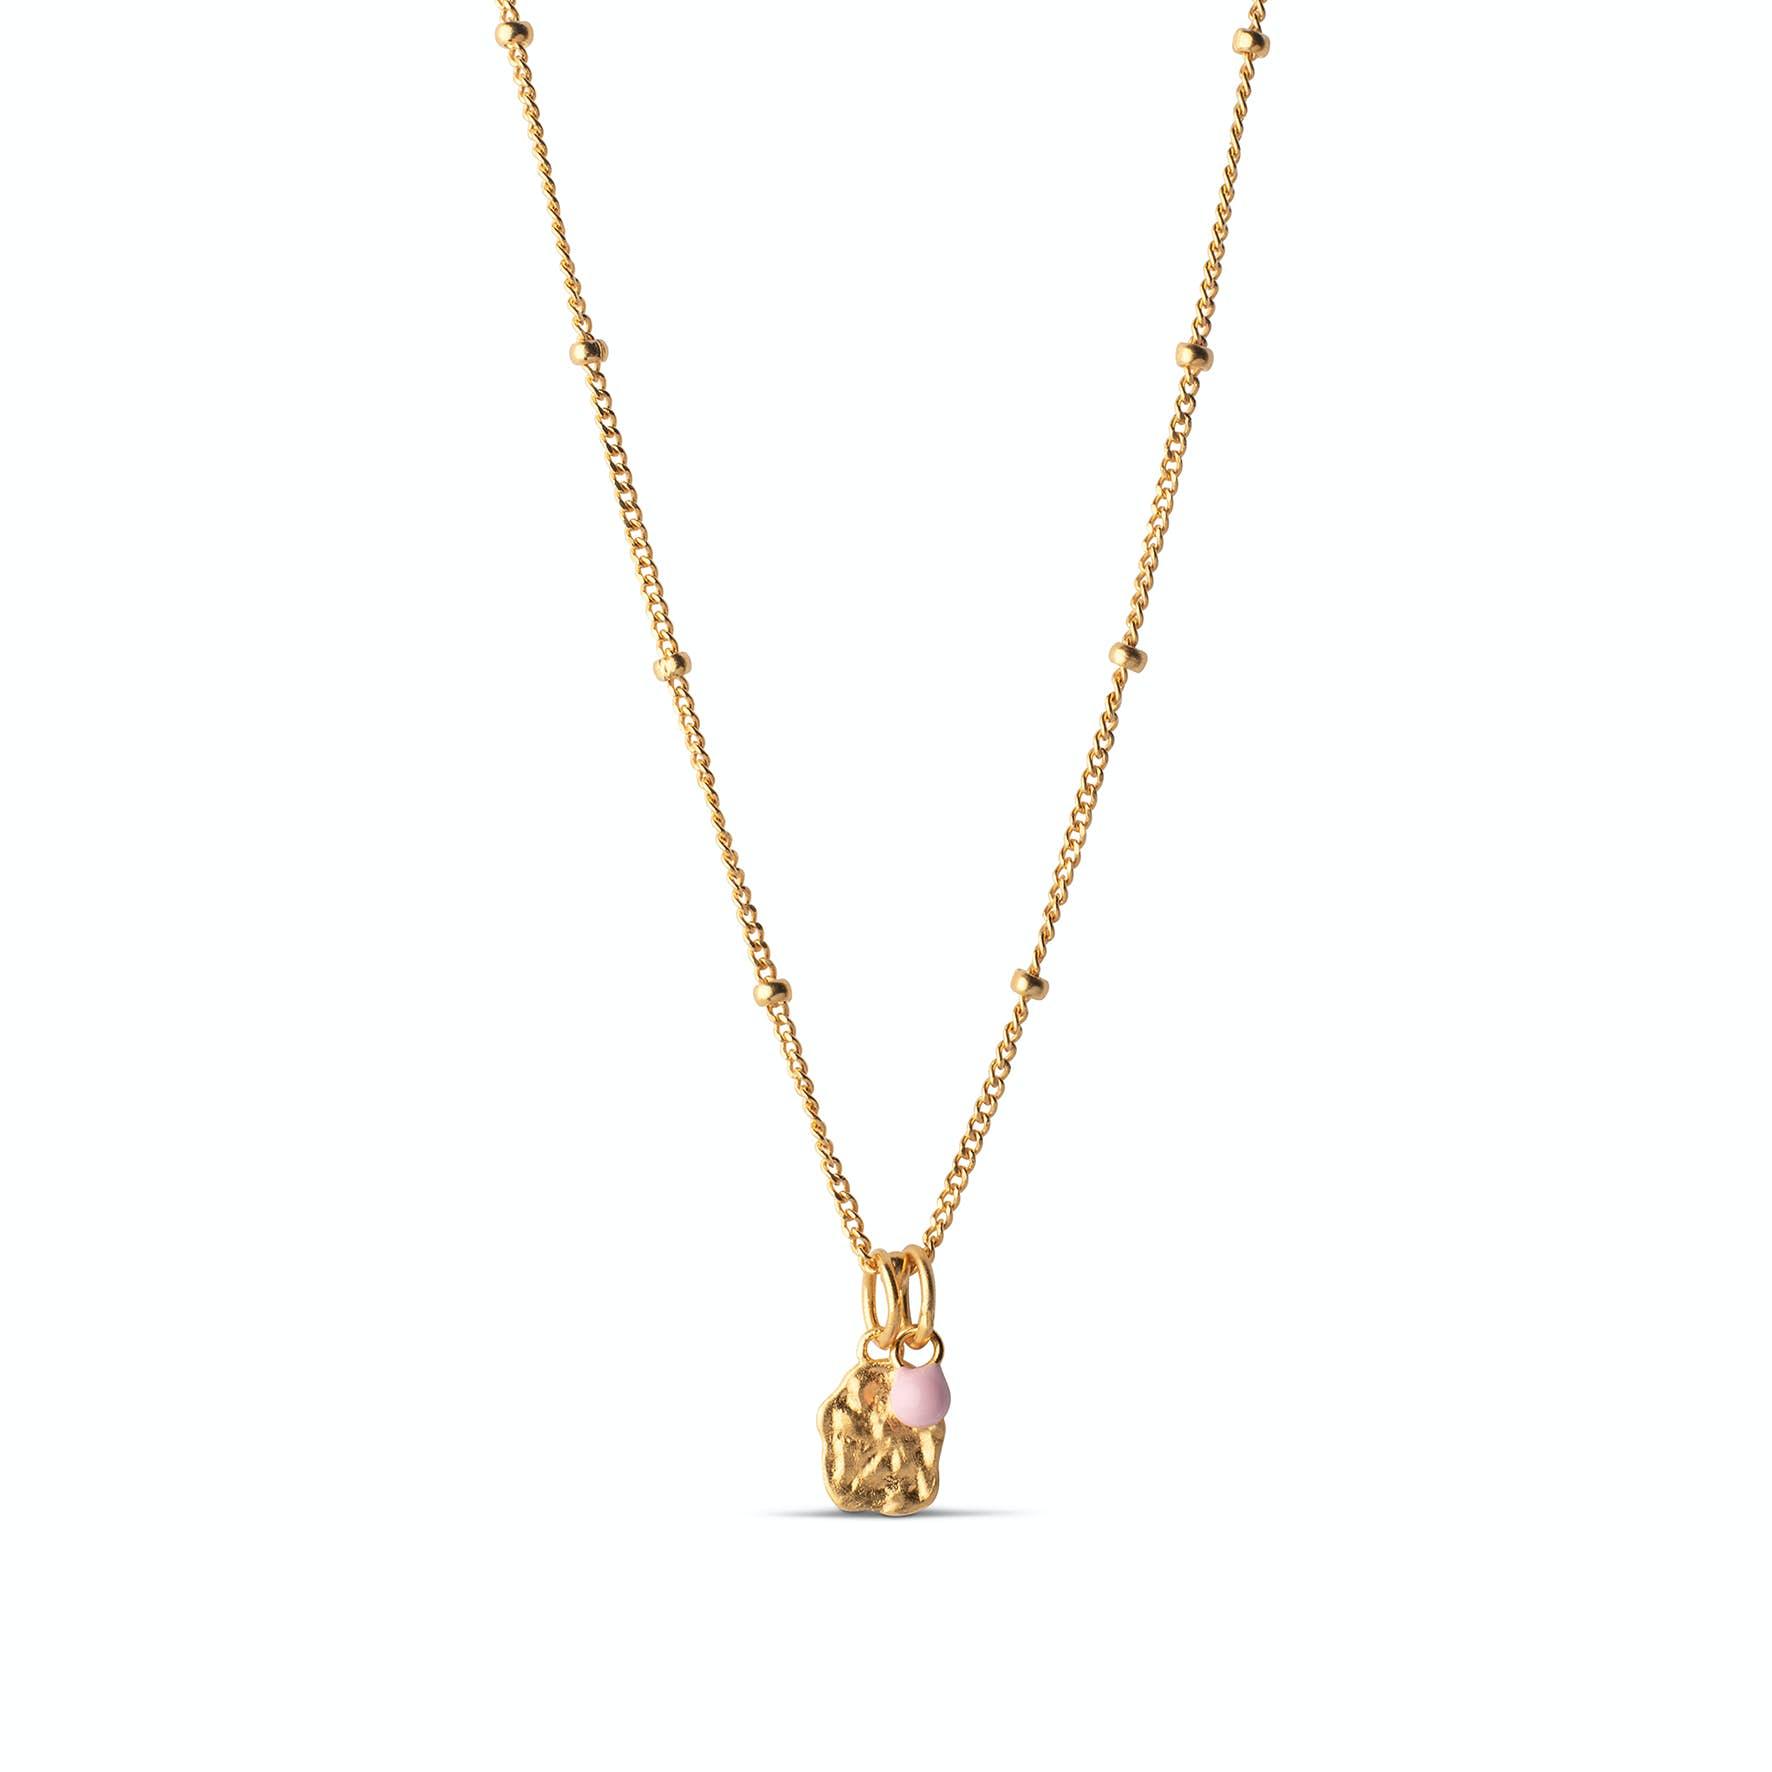 Delightful Necklace from Enamel Copenhagen in Goldplated-Silver Sterling 925